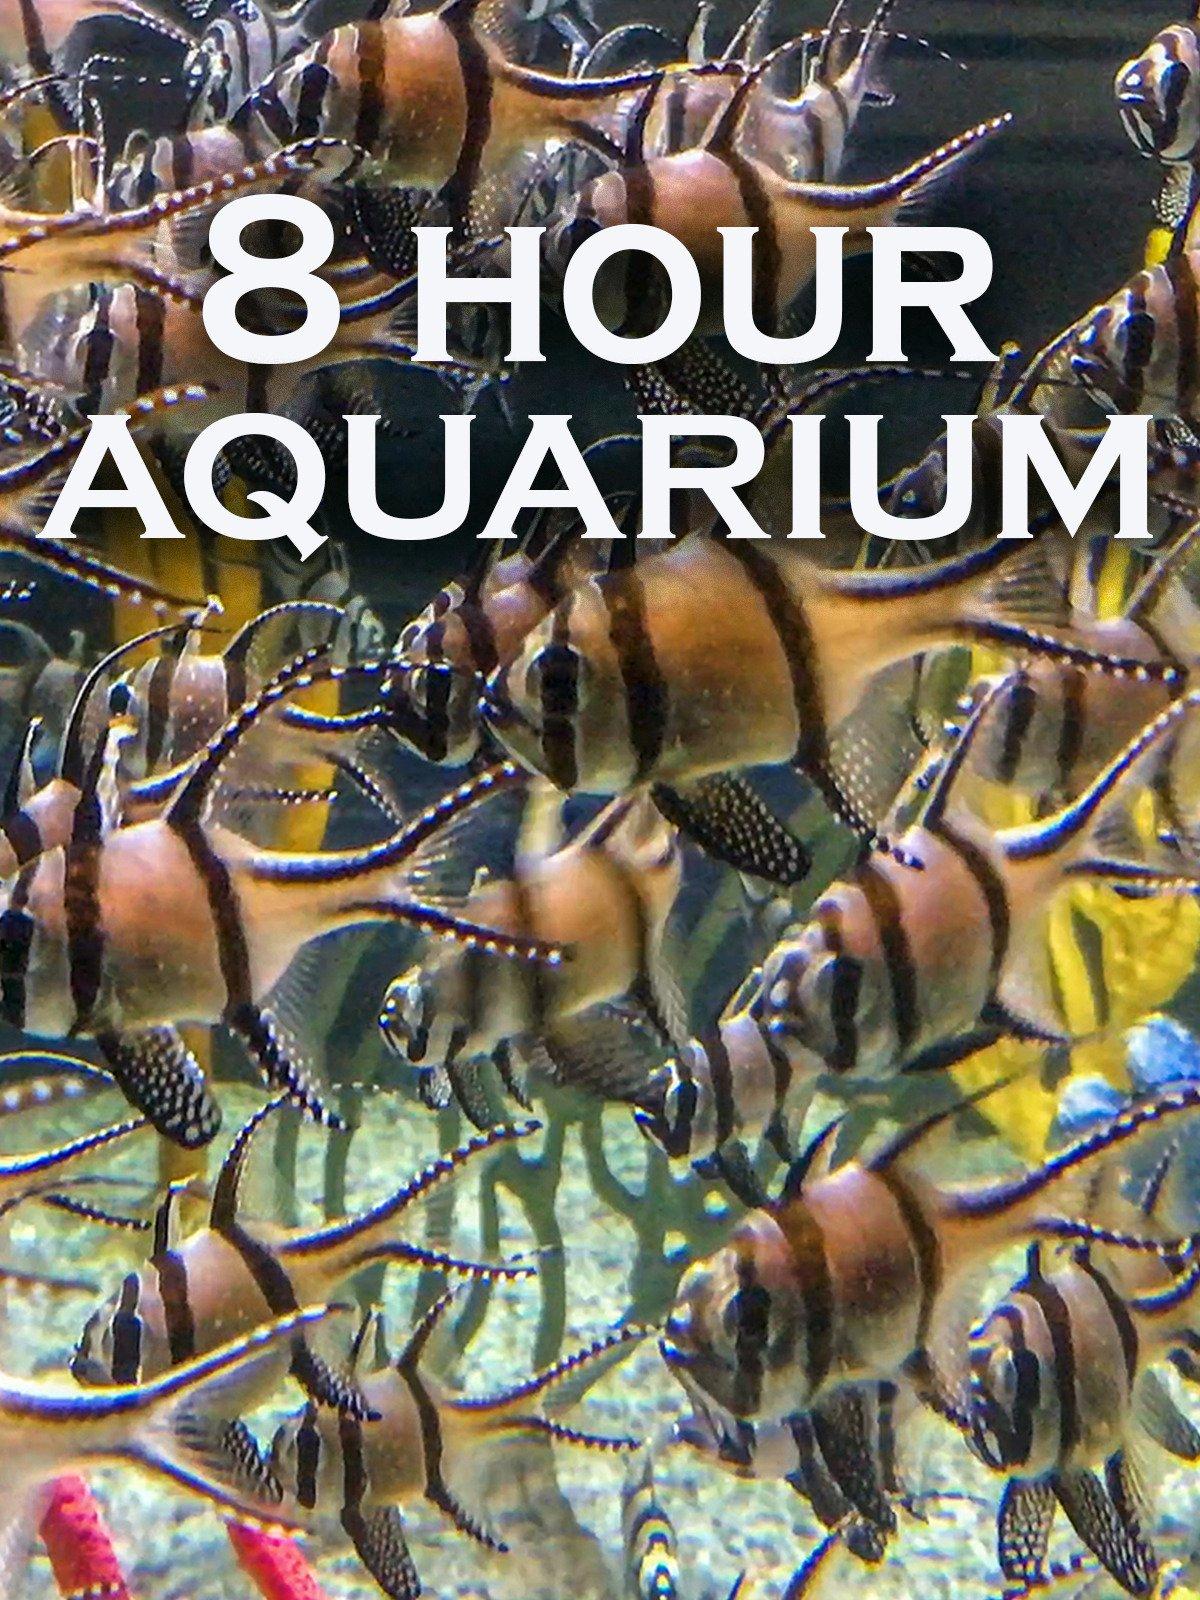 8 Hour Aquarium